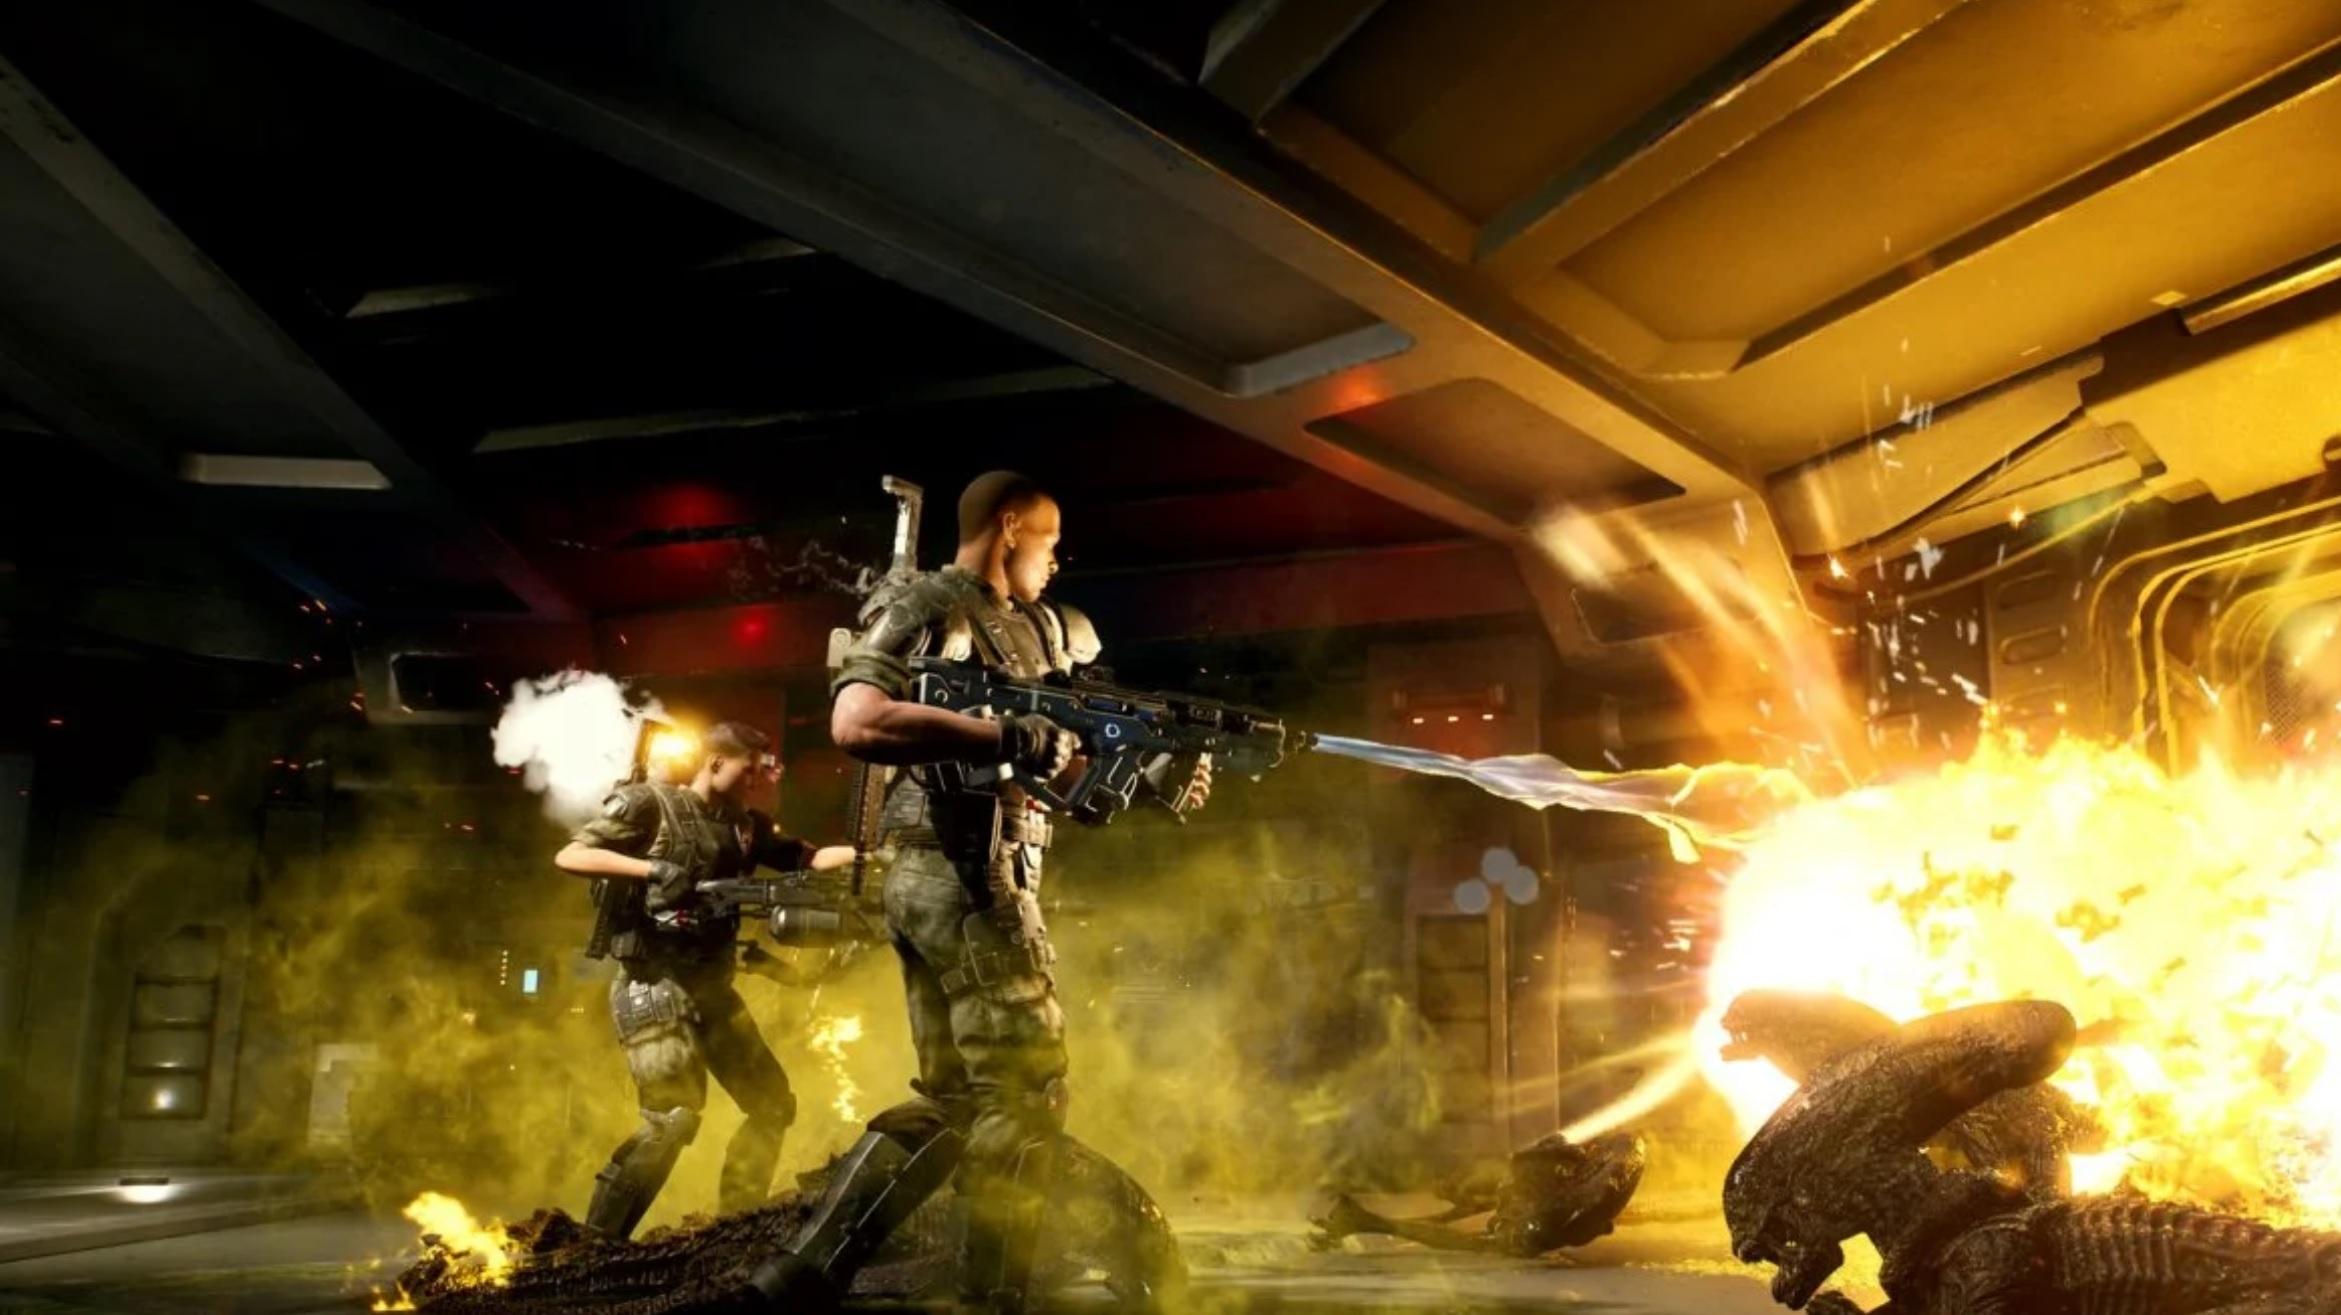 Cold Iron ha annunciato Aliens: Fireteam